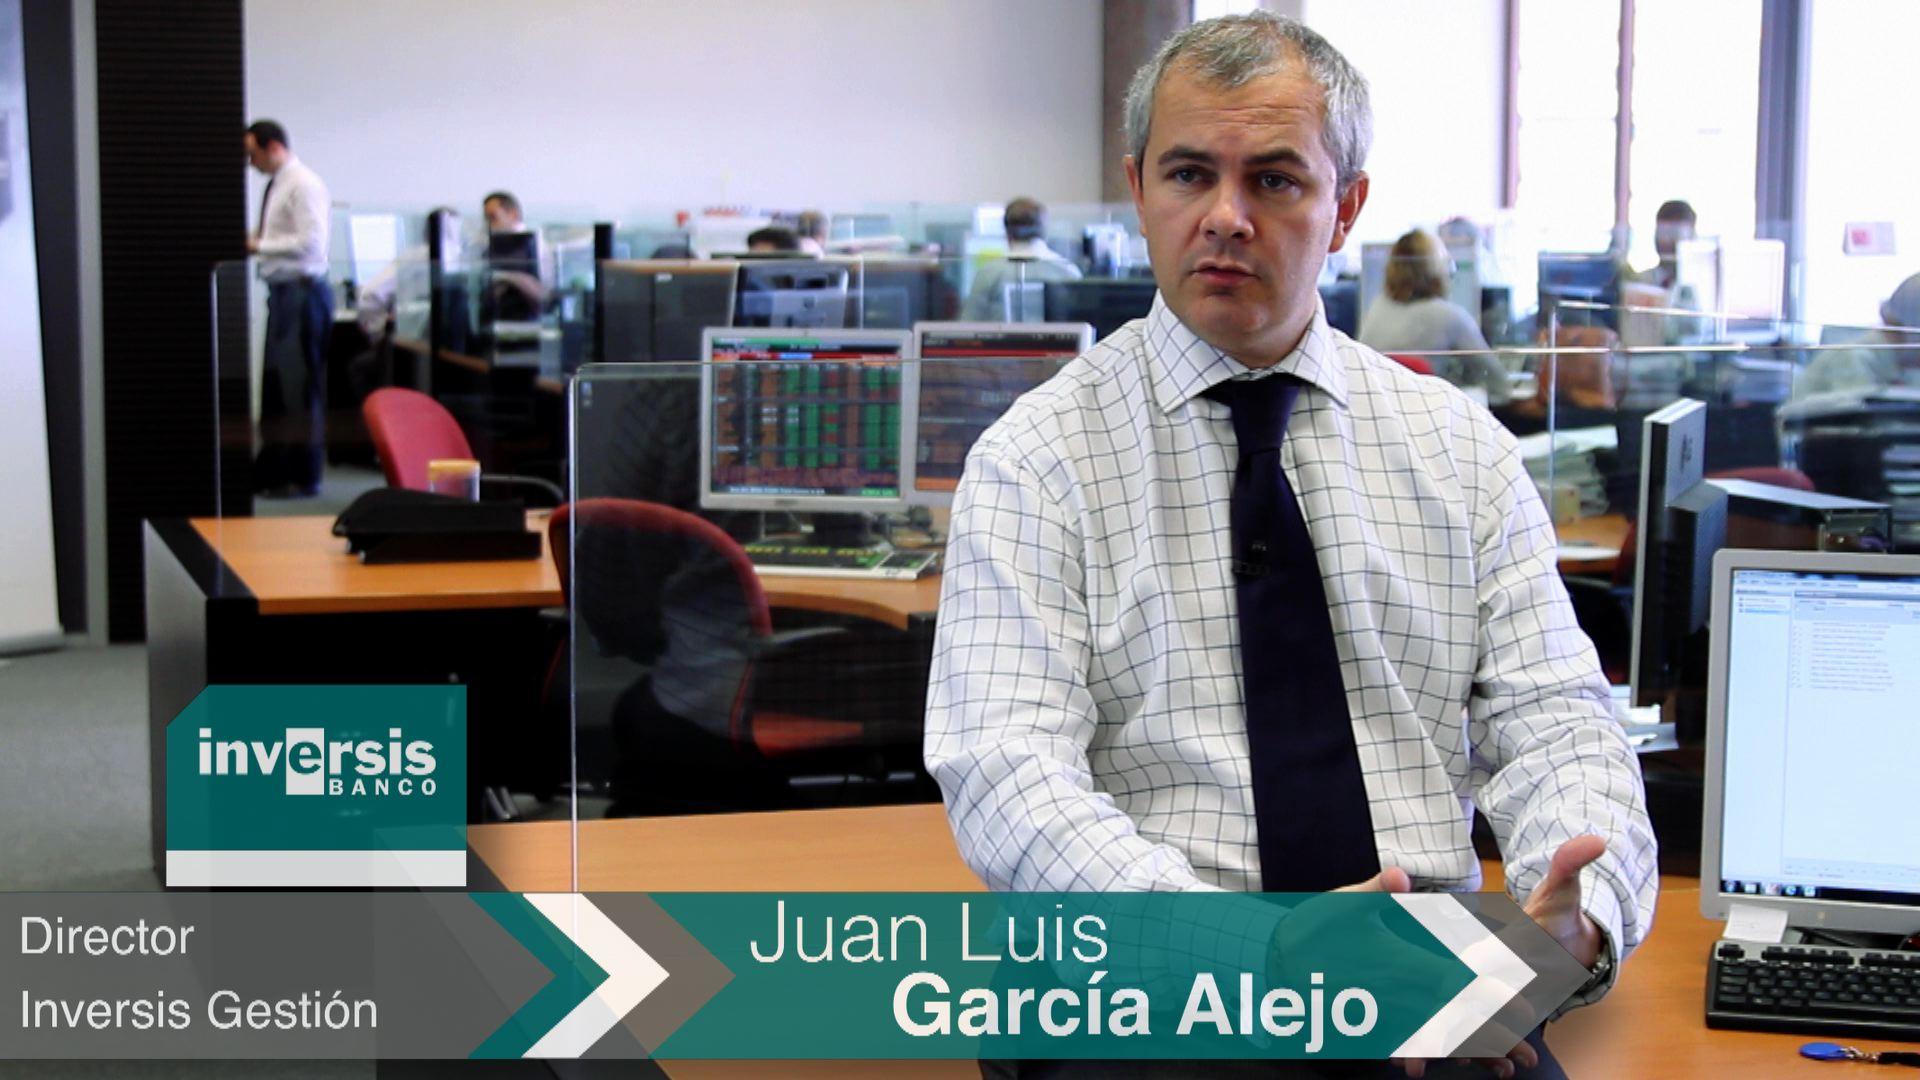 """García Alejo: """"España tiene probablemente el crédito mal asignado, a proyectos que no debe"""""""